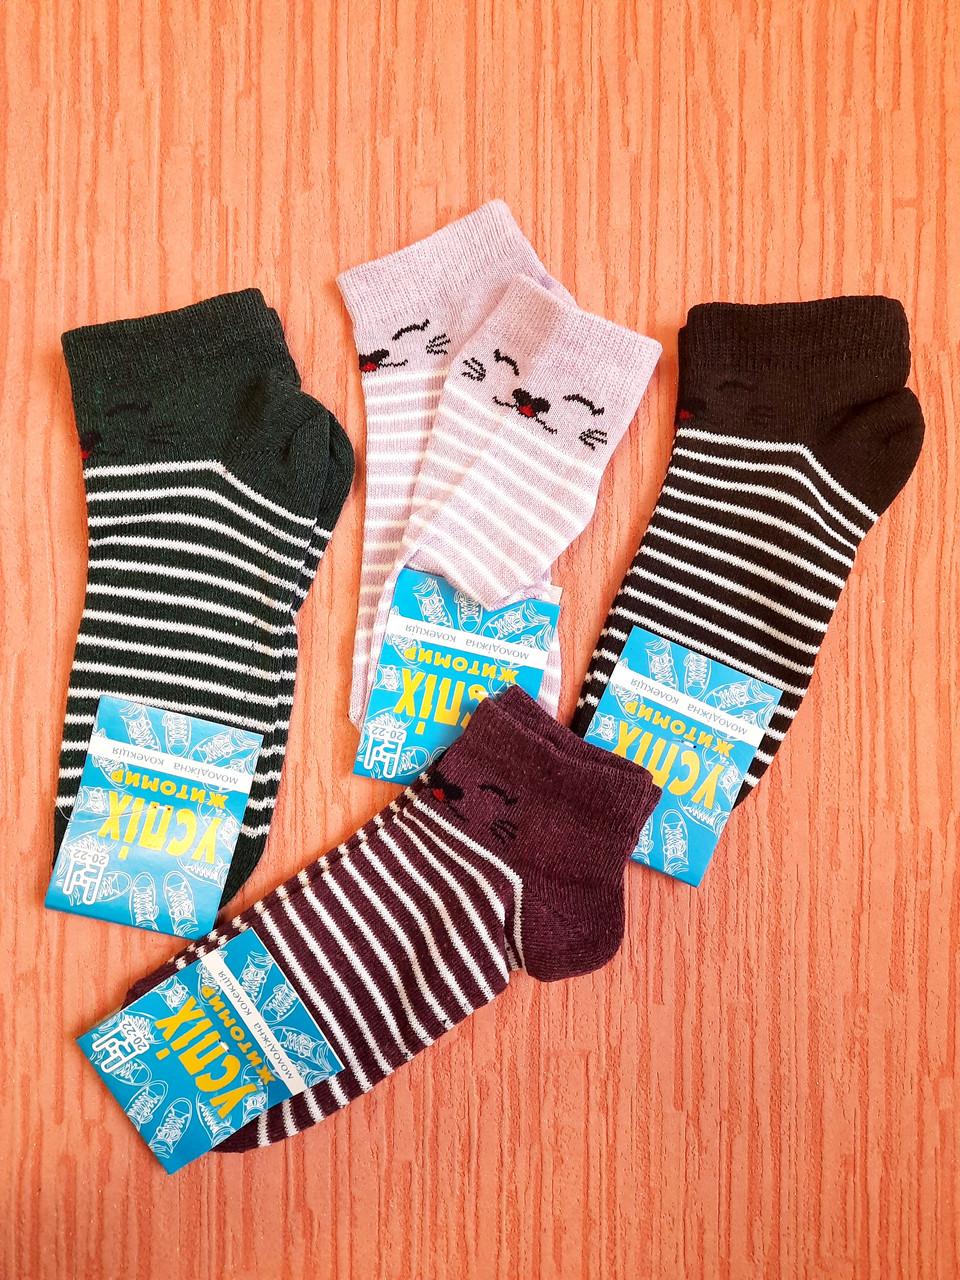 Носки детские на девочек хлопок стрейч Украина размер 20-22. От 6 пар по 7,50грн